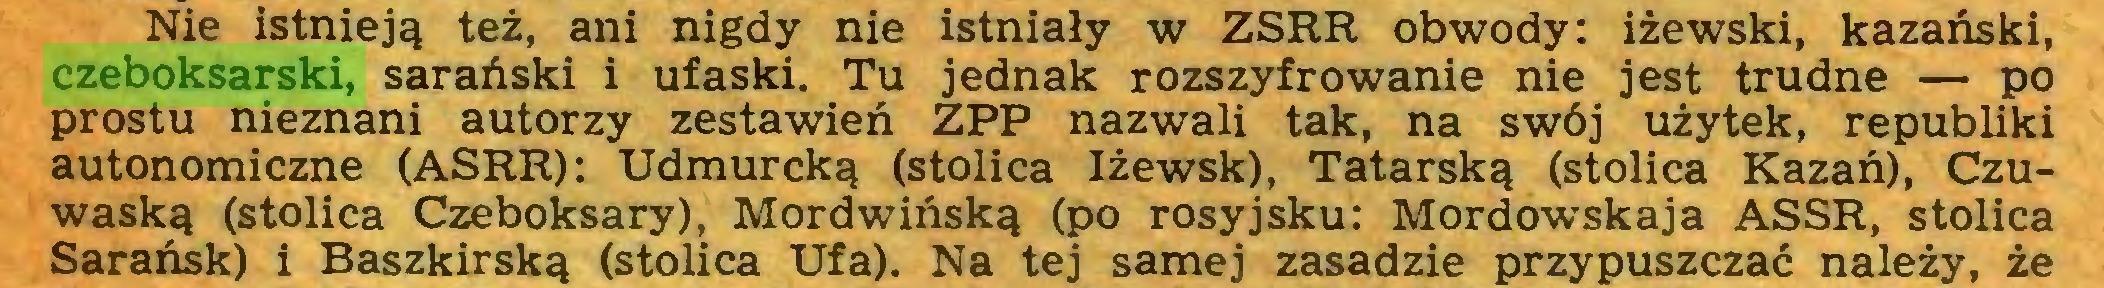 (...) Nie istnieją też, ani nigdy nie istniały w ZSRR obwody: iżewski, kazański, czeboksarski, sarański i ufaski. Tu jednak rozszyfrowanie nie jest trudne — po prostu nieznani autorzy zestawień ZPP nazwali tak, na swój użytek, republiki autonomiczne (ASRR): Udmurcką (stolica Iżewsk), Tatarską (stolica Kazań), Czuwaską (stolica Czeboksary), Mordwińską (po rosyjsku: Mordowskaja ASSR, stolica Sarańsk) i Baszkirską (stolica Ufa). Na tej samej zasadzie przypuszczać należy, że...